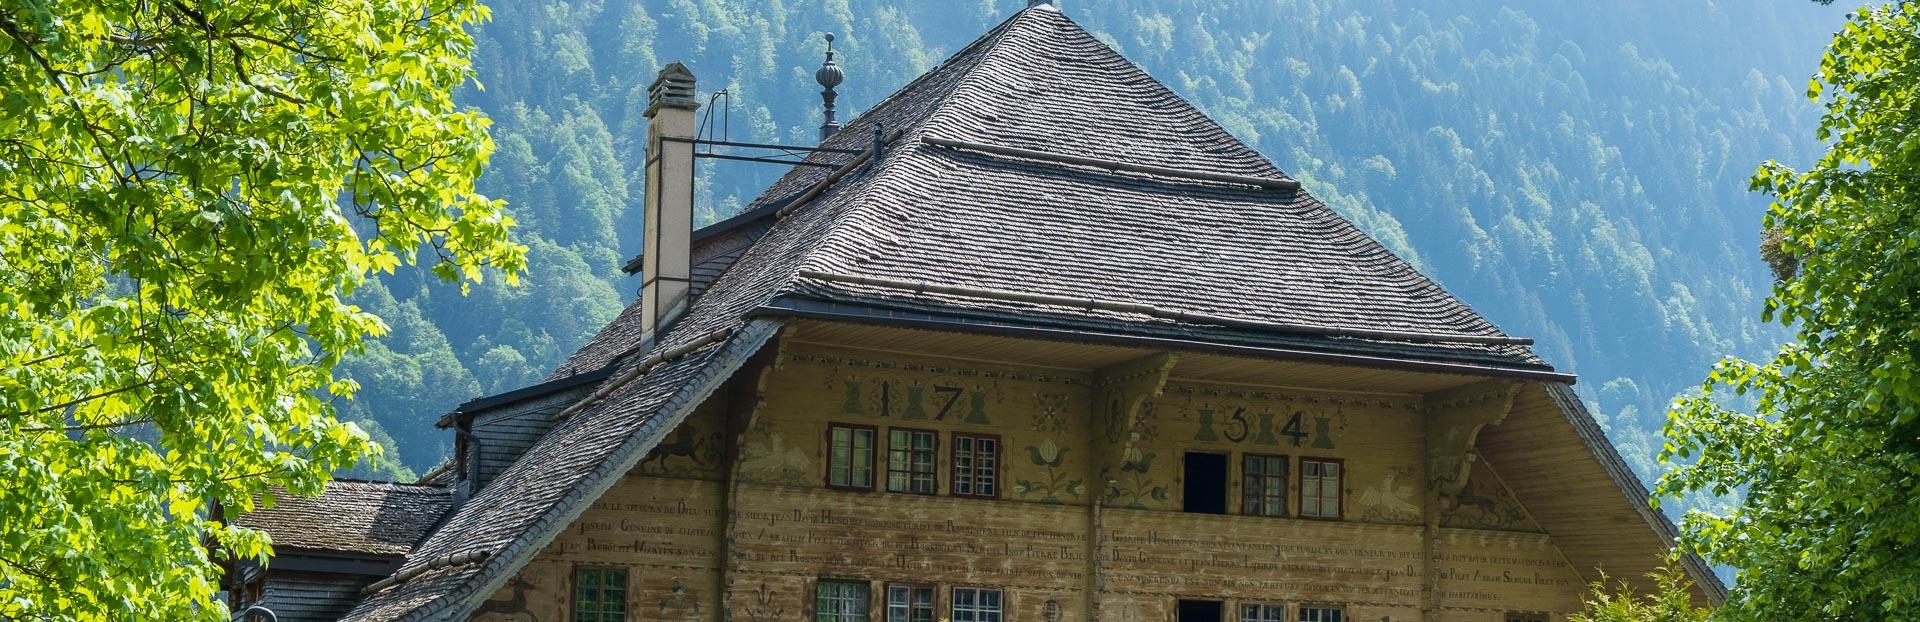 Rossinière audio tour: Chalets, cloches et Balthus: Un village magnifique dans les Pré-alpes